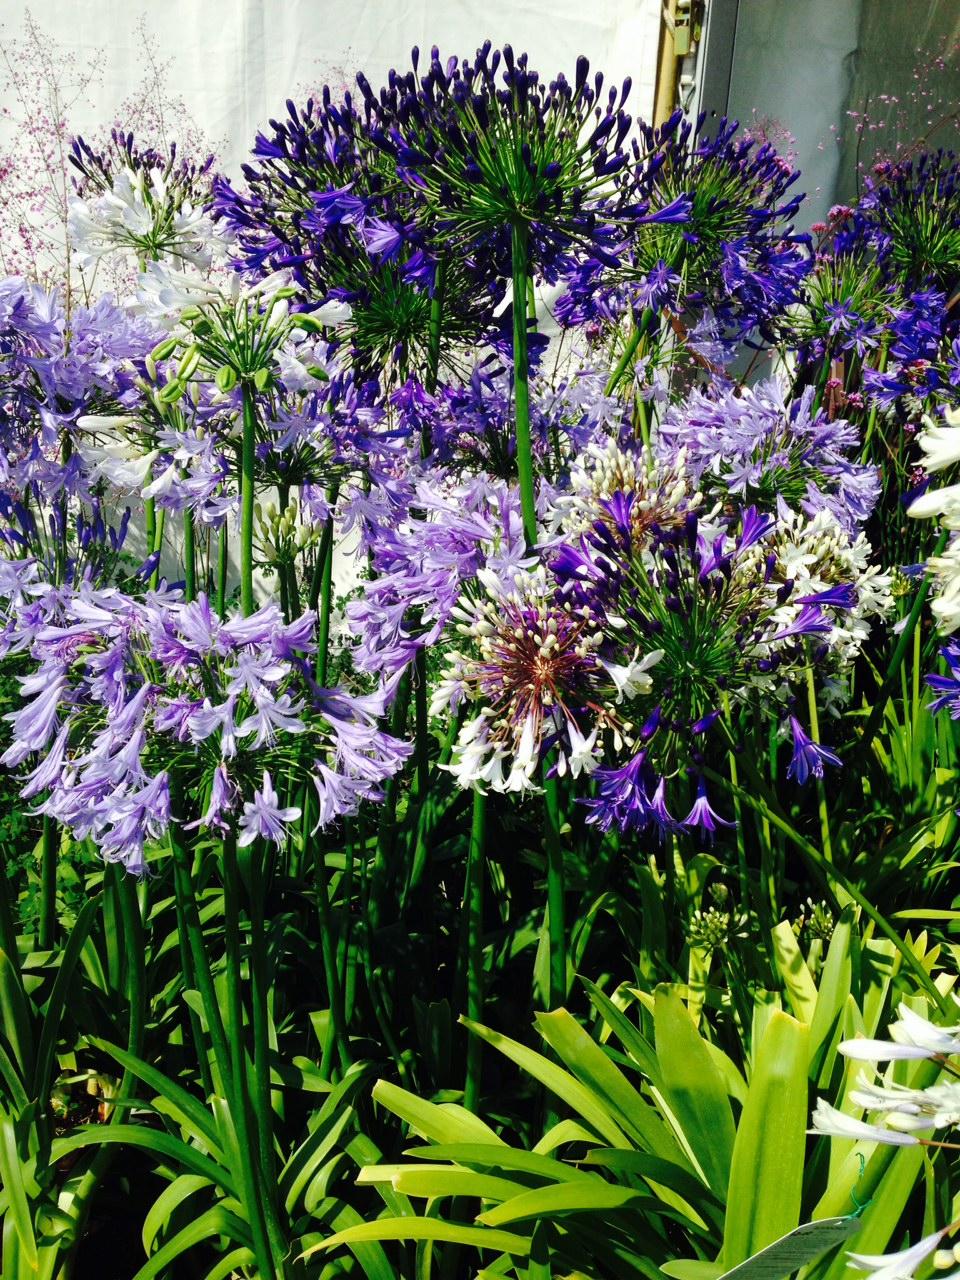 Agapanthus - Bulb Planting